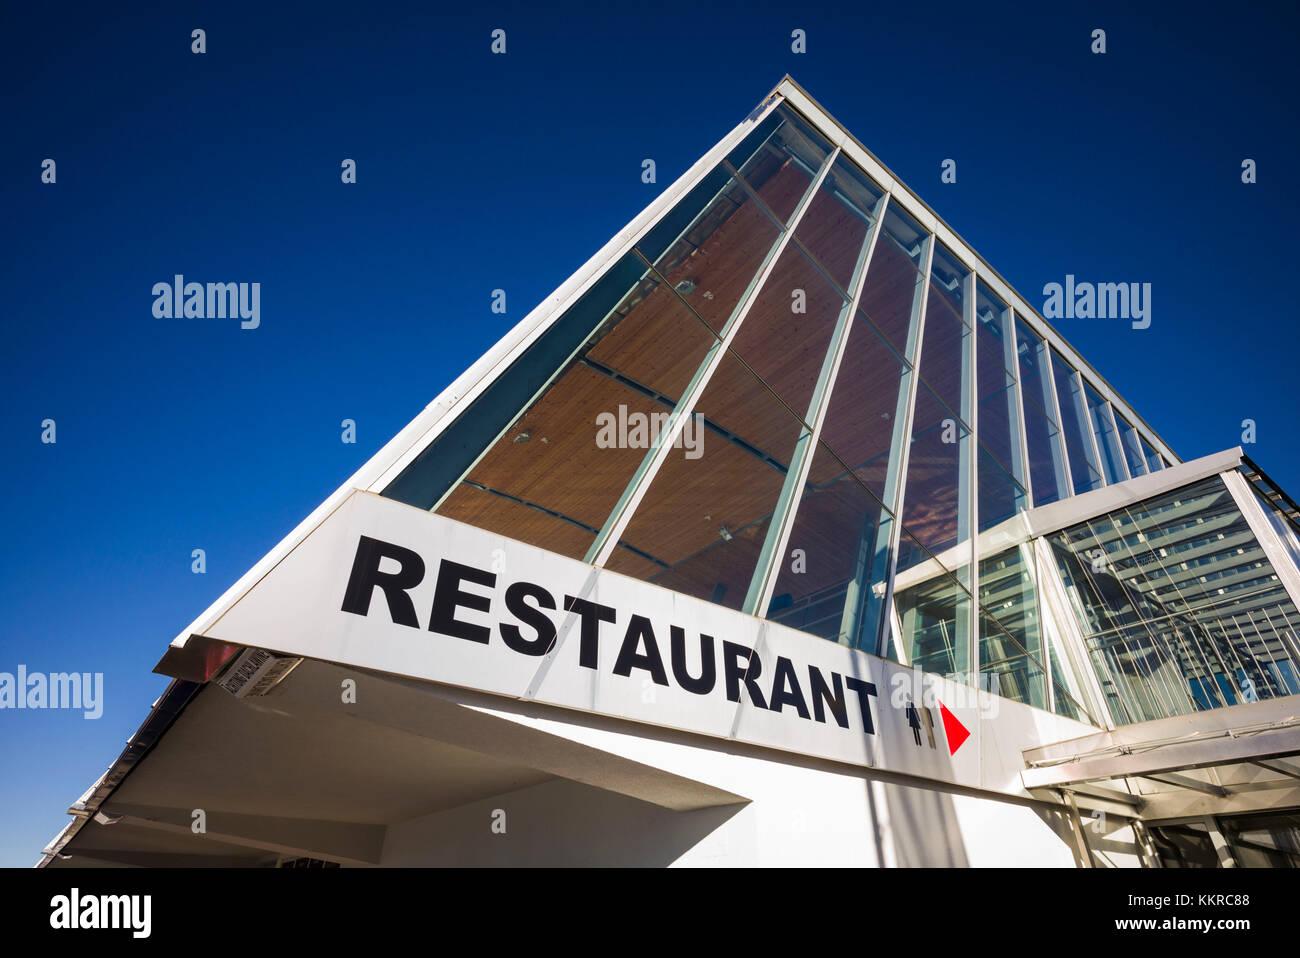 dce99217e8f Austria, Tirol Axamer Lizum, alojamiento Villa de los juegos olímpicos de  invierno de 1964 y 1976, Haus hoadl restaurante exterior, elevación de 2340  metros ...